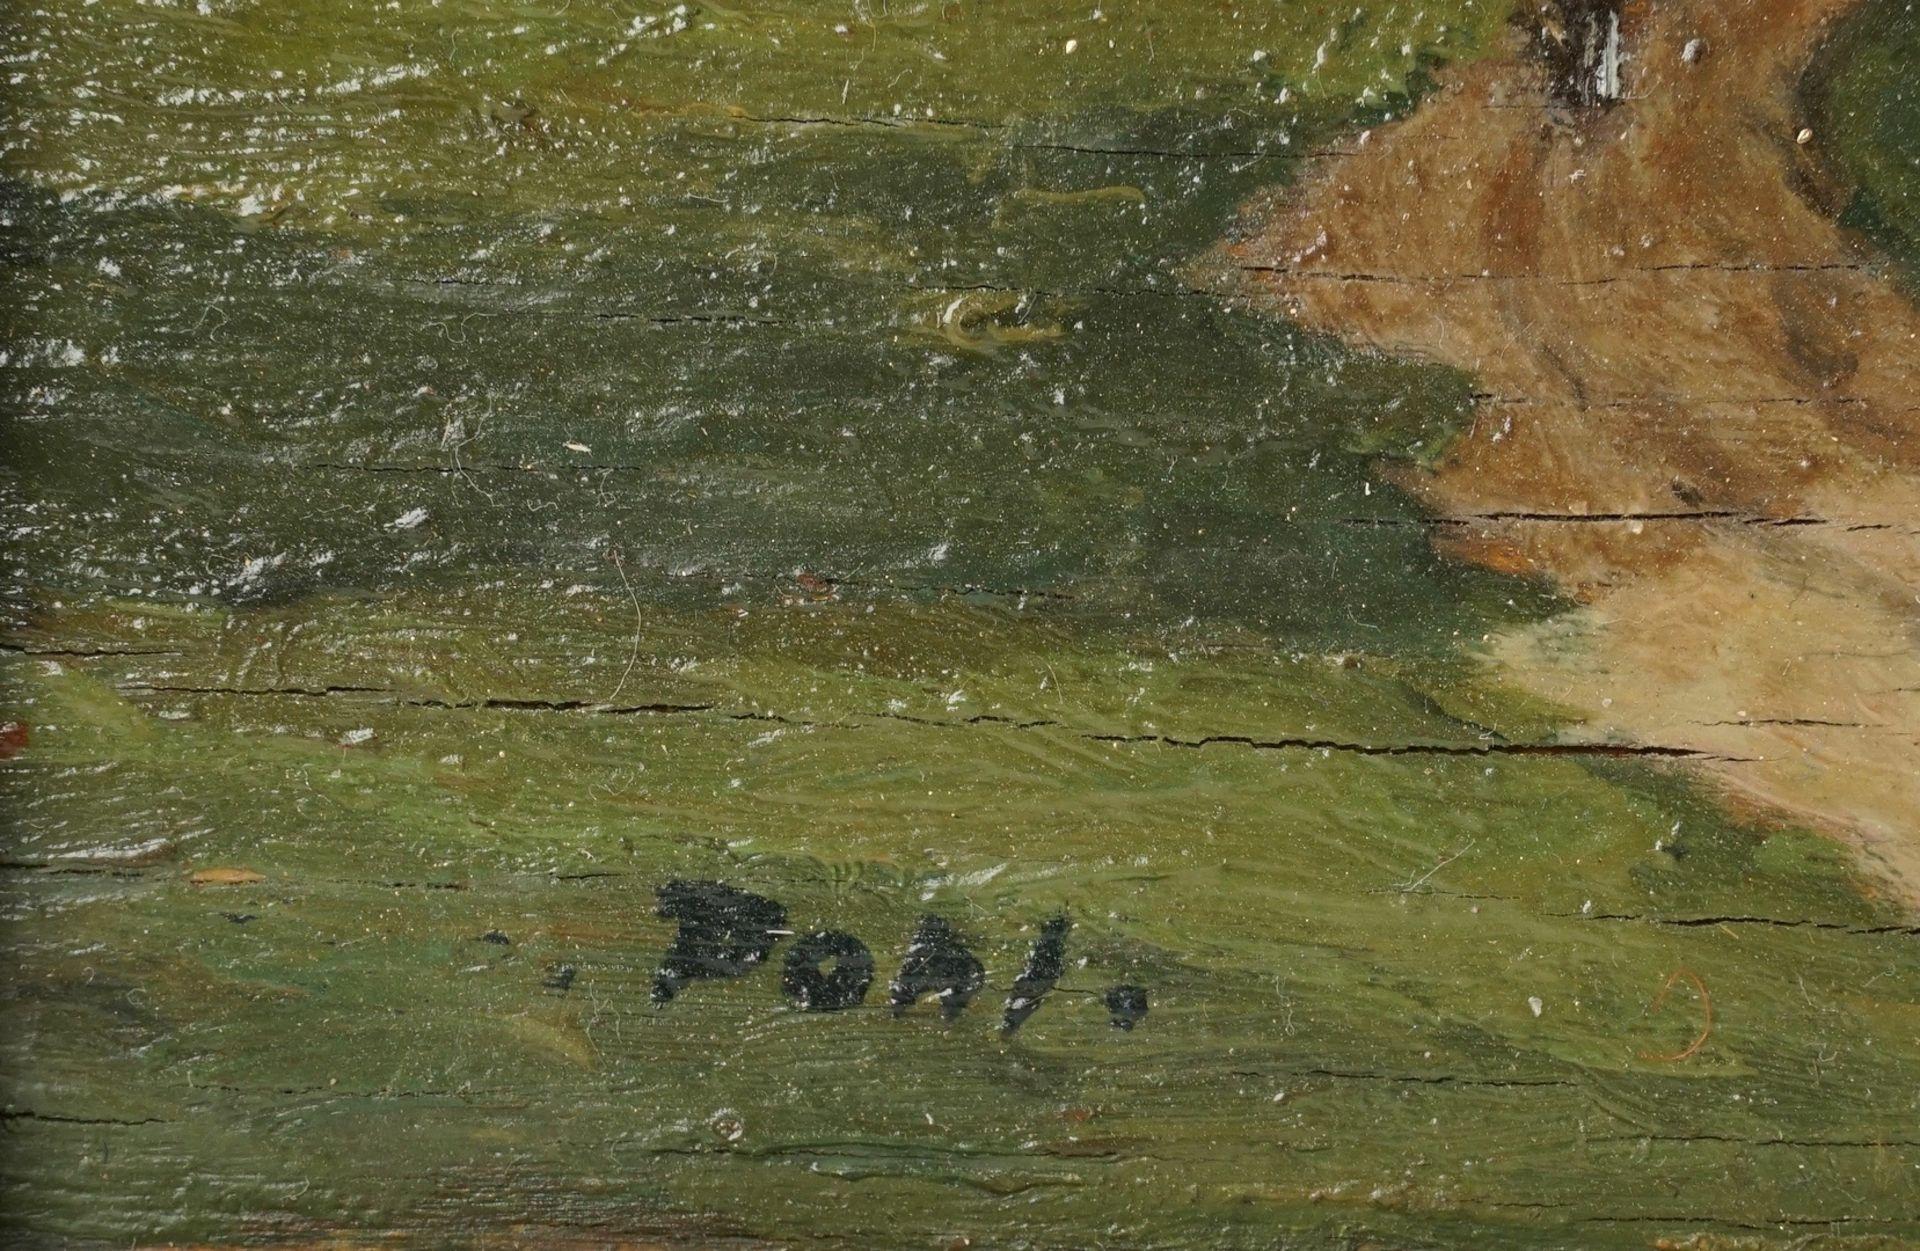 Pohl, Bei der Getreideernte - Bild 4 aus 4